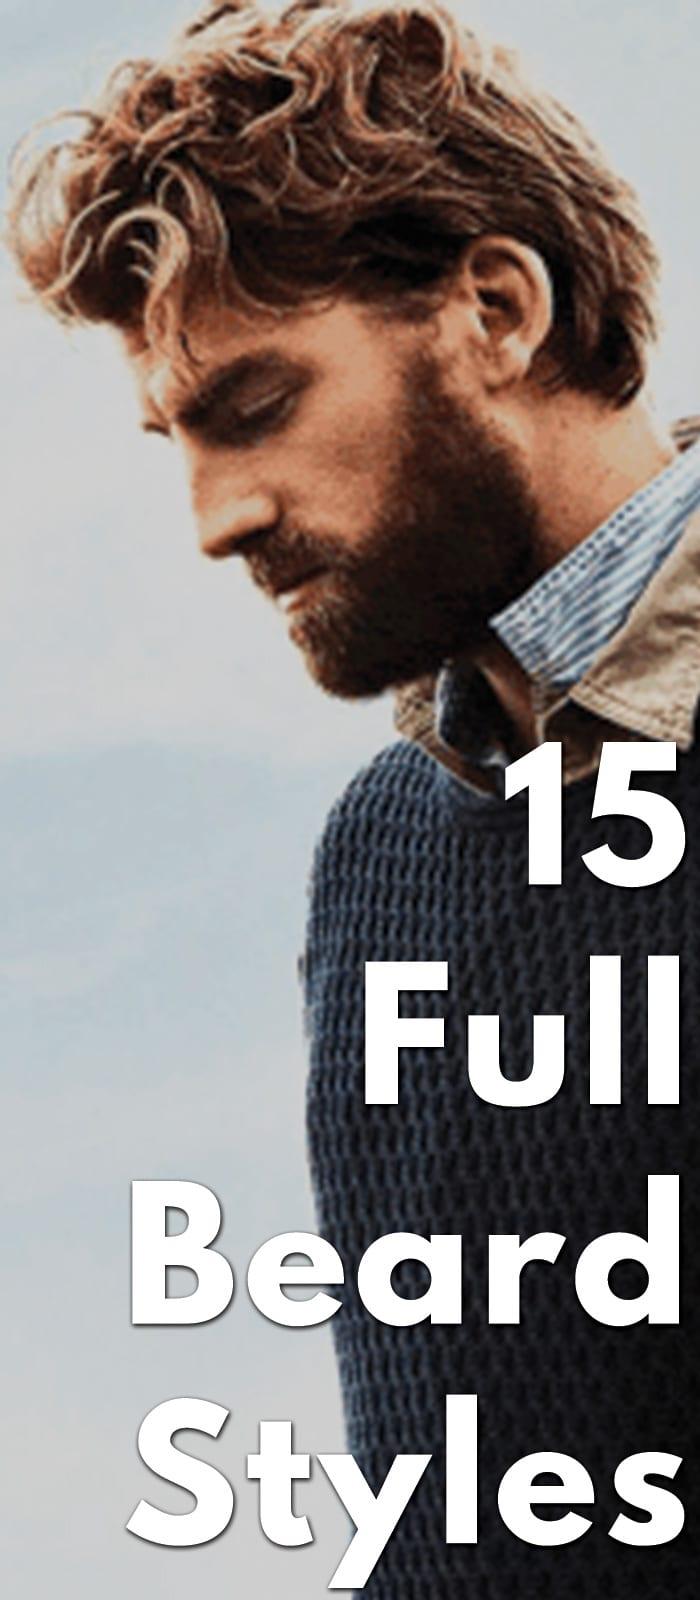 15-Full-Beard-Styles